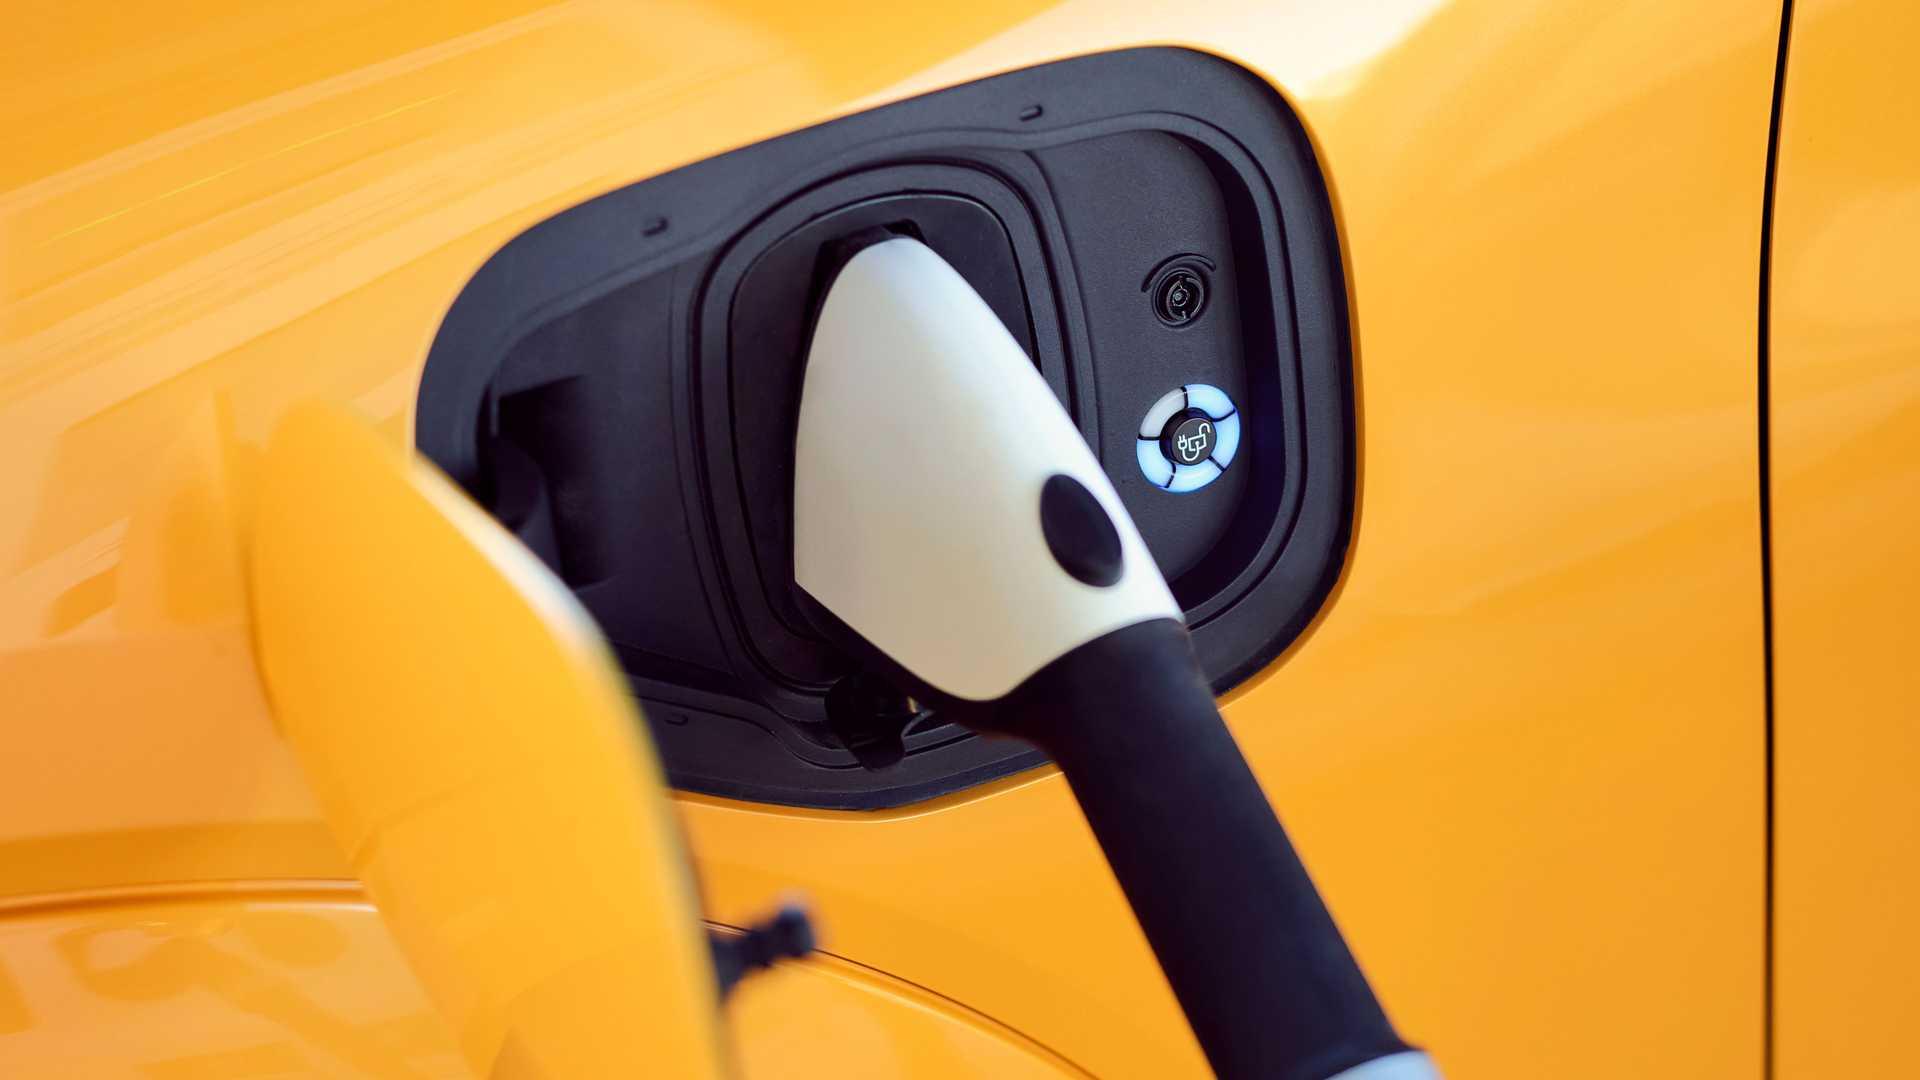 Chỉ dành cho những người mua xe điện Mach-E hoài cổ, Ford đã tạo ra một loại nước hoa có mùi xăng - 12